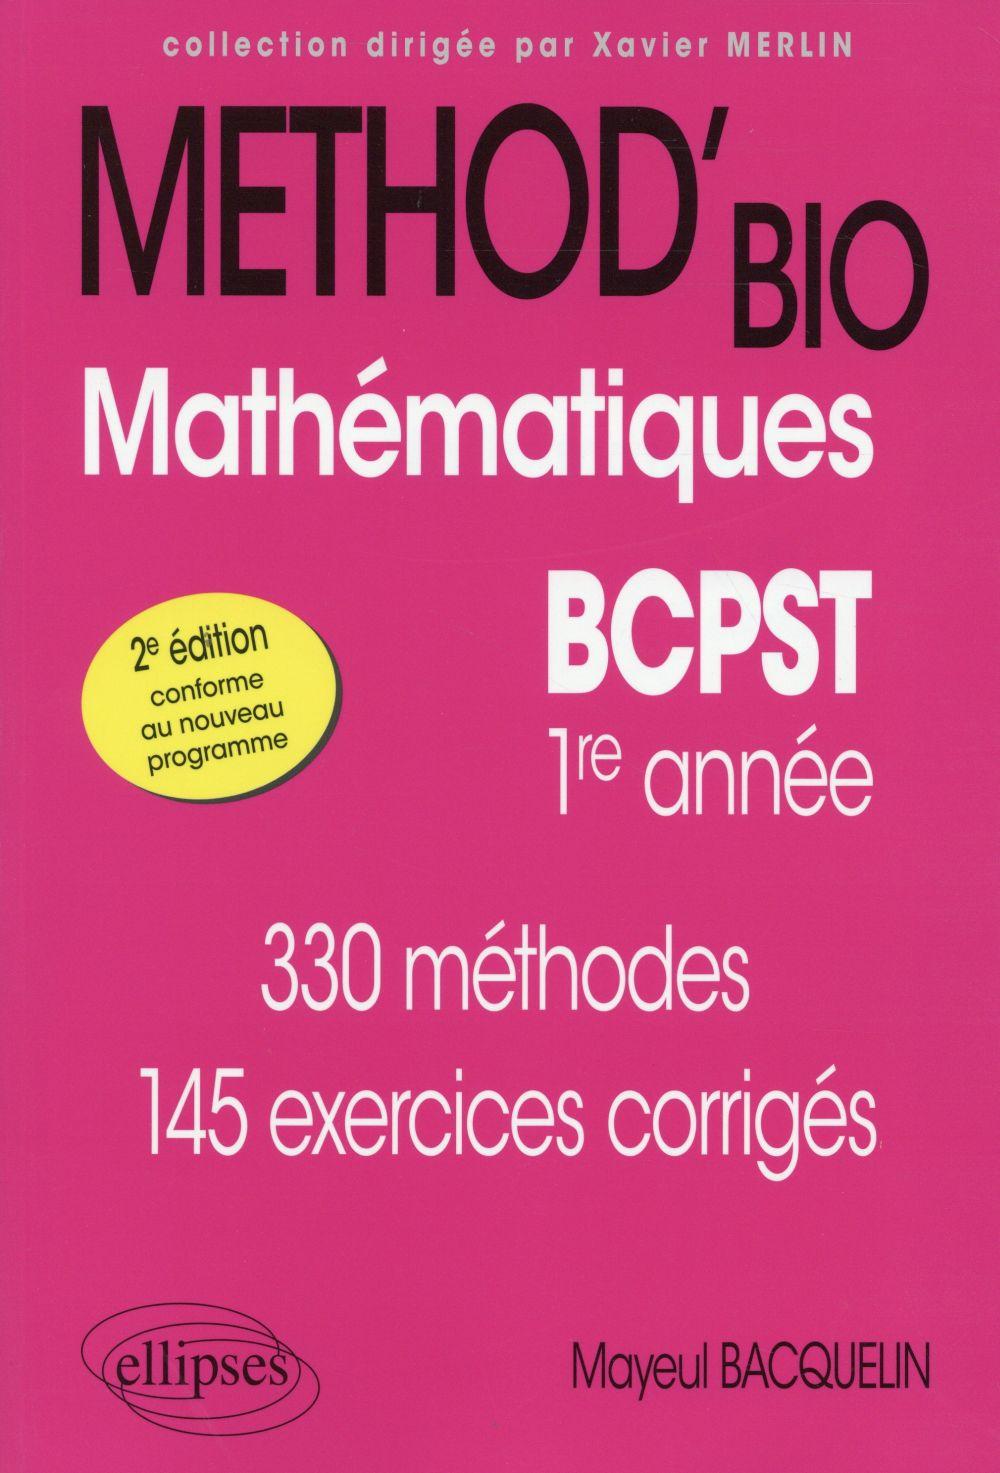 Bacquelin Mayeul - MATHEMATIQUES BCPST-1RE ANNEE - 2E EDITION CONFORME AU NOUVEAU PROGRAMME